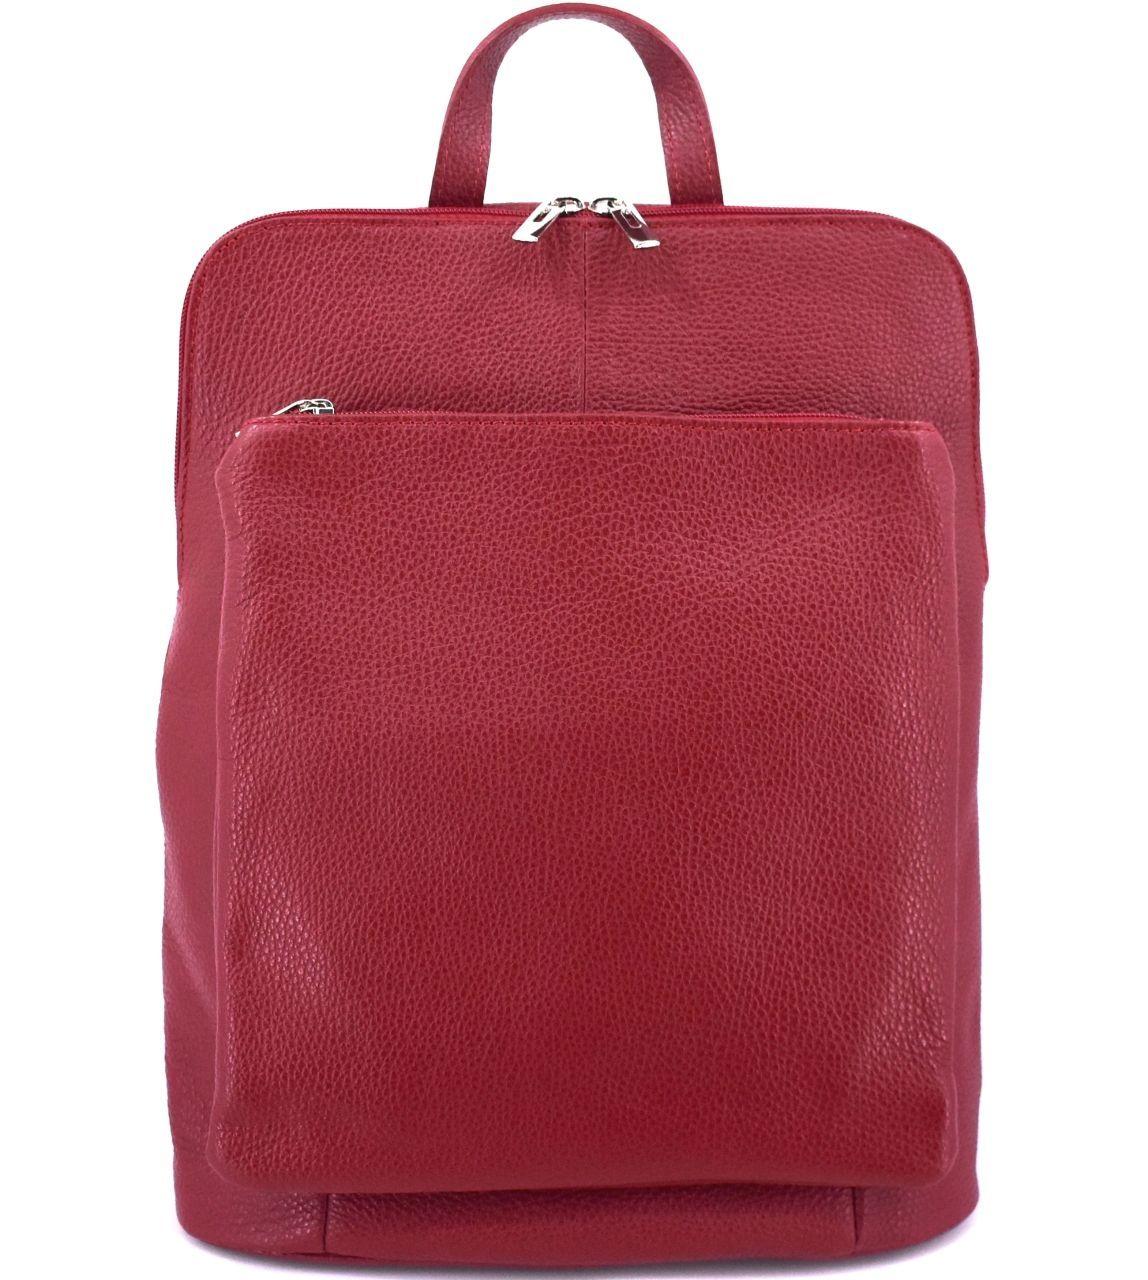 Dámský kožený batoh a kabelka v jednom / Arteddy - tmavě červená 36933